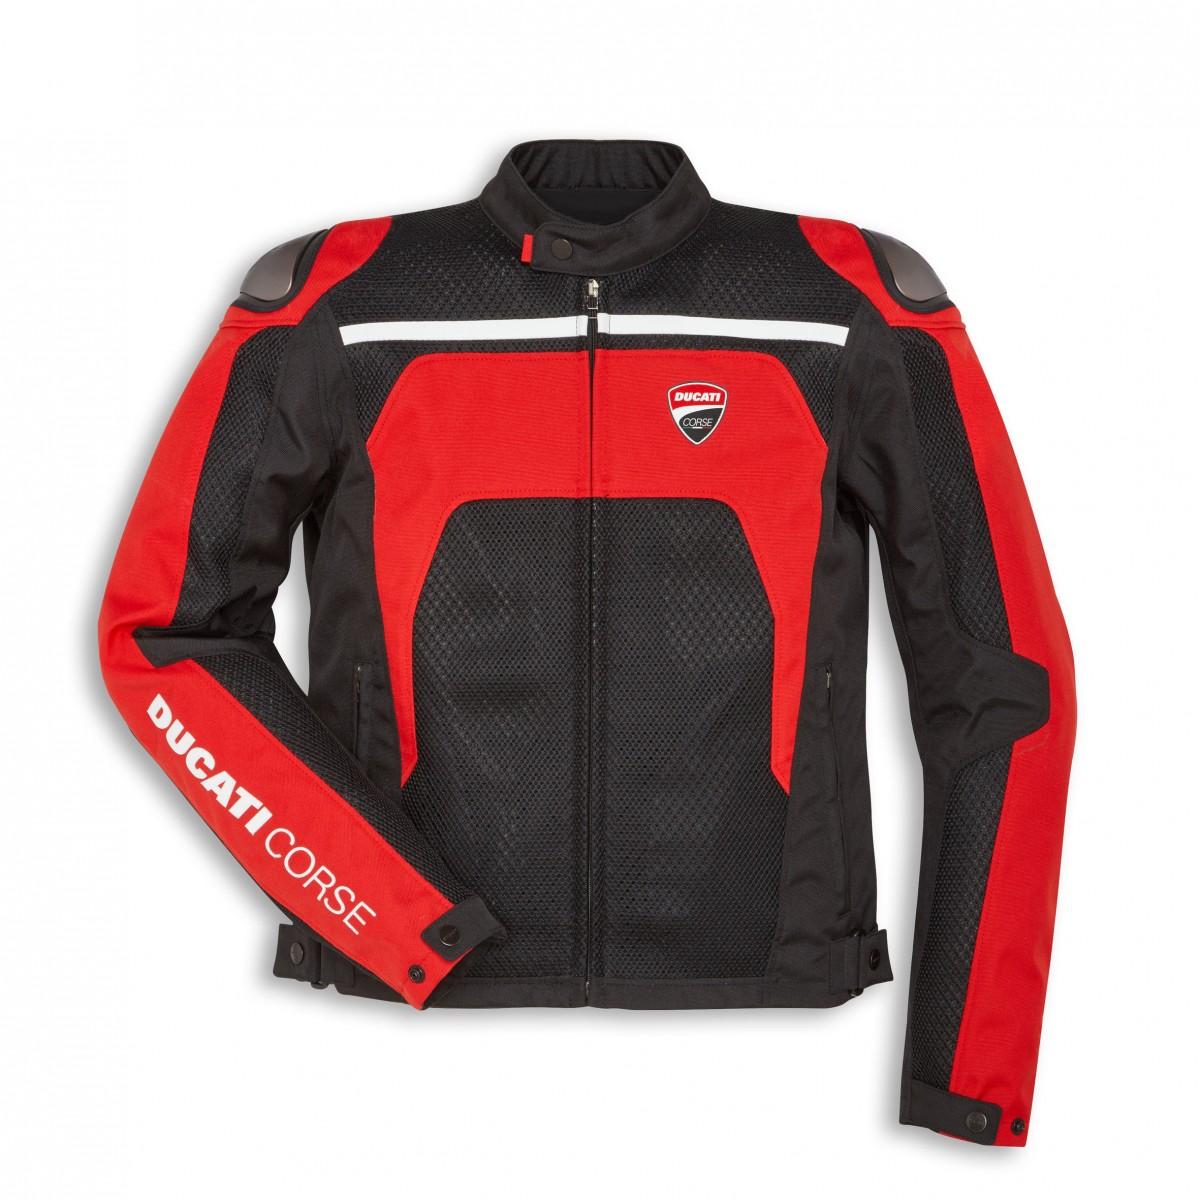 92857ae90ec Textilní bunda Ducati Corse Summer C2 - DUCATI SHOP - značkové oblečení a příslušenství  Ducati.